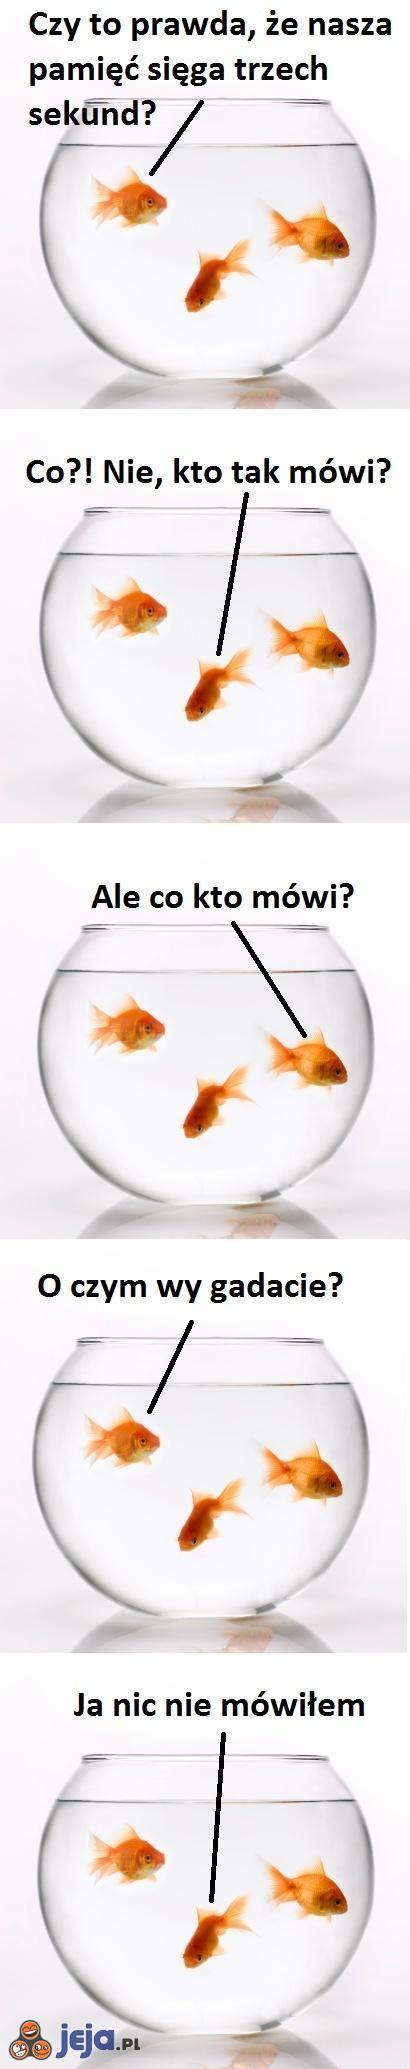 Pamięć złotej rybki